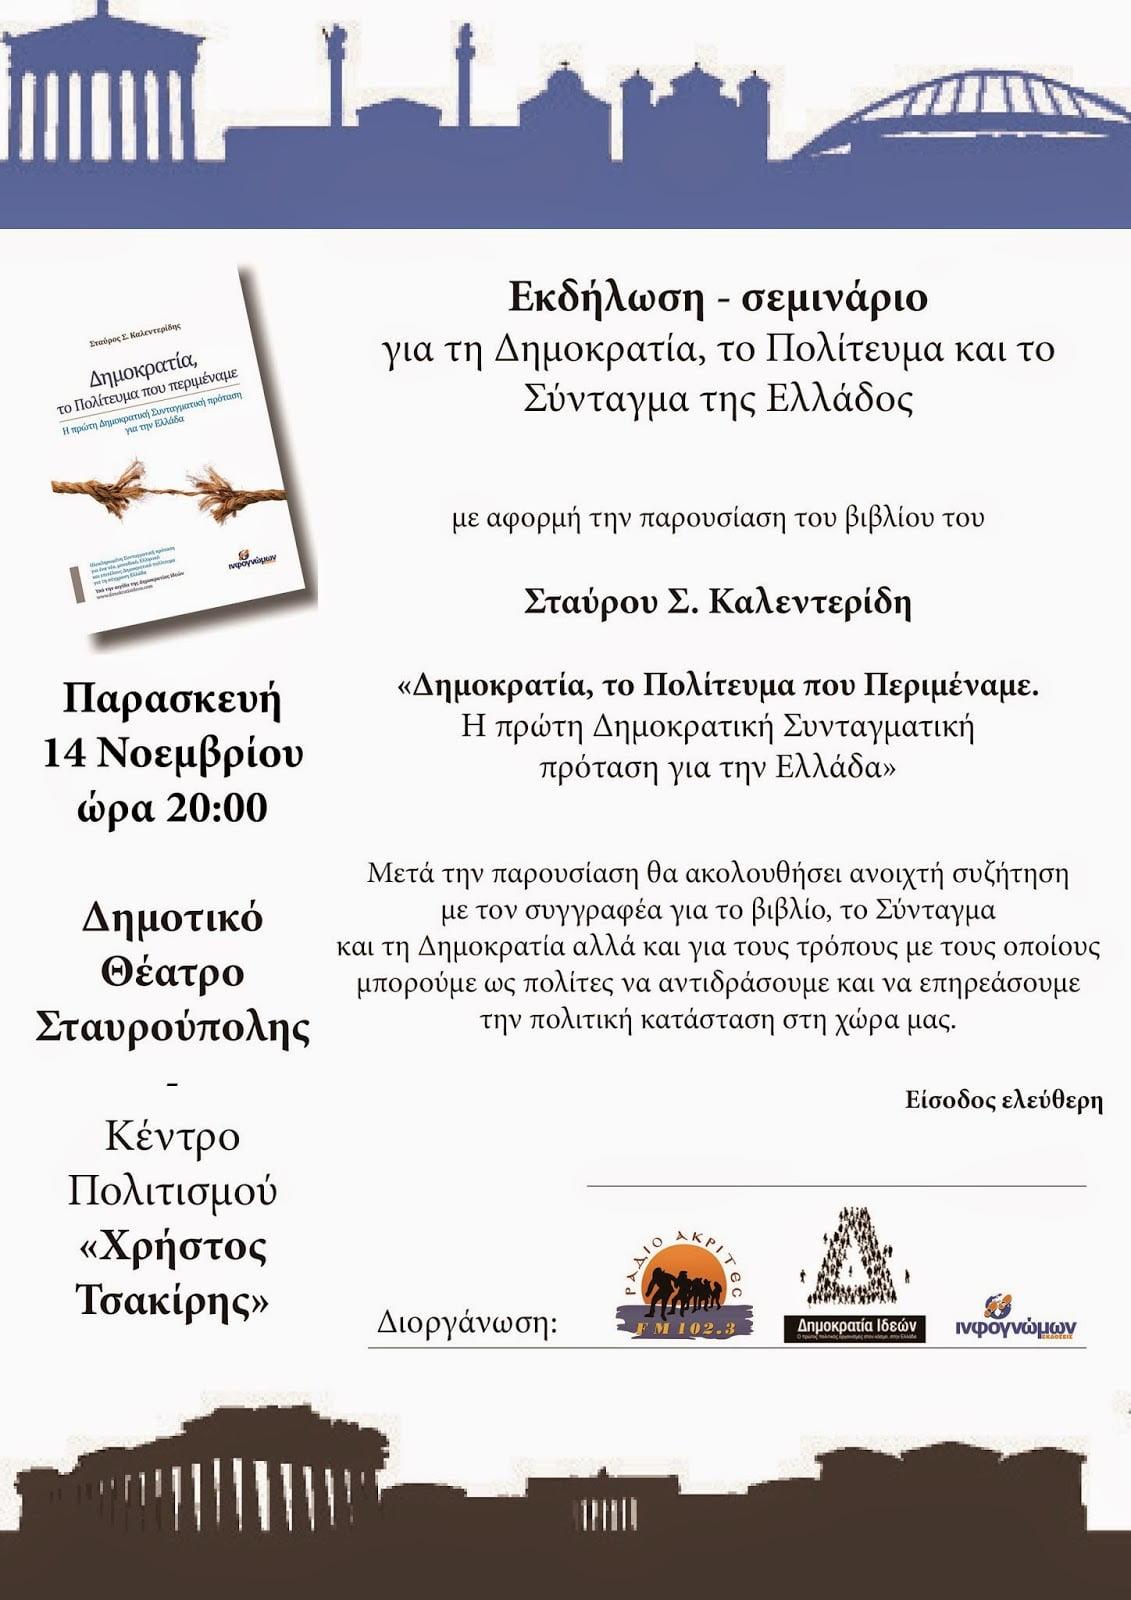 Εκδήλωση-σεμινάριο του Σταύρου Σ. Καλεντερίδη για τη Δημοκρατία, το Πολίτευμα και το Σύνταγμα της Ελλάδος